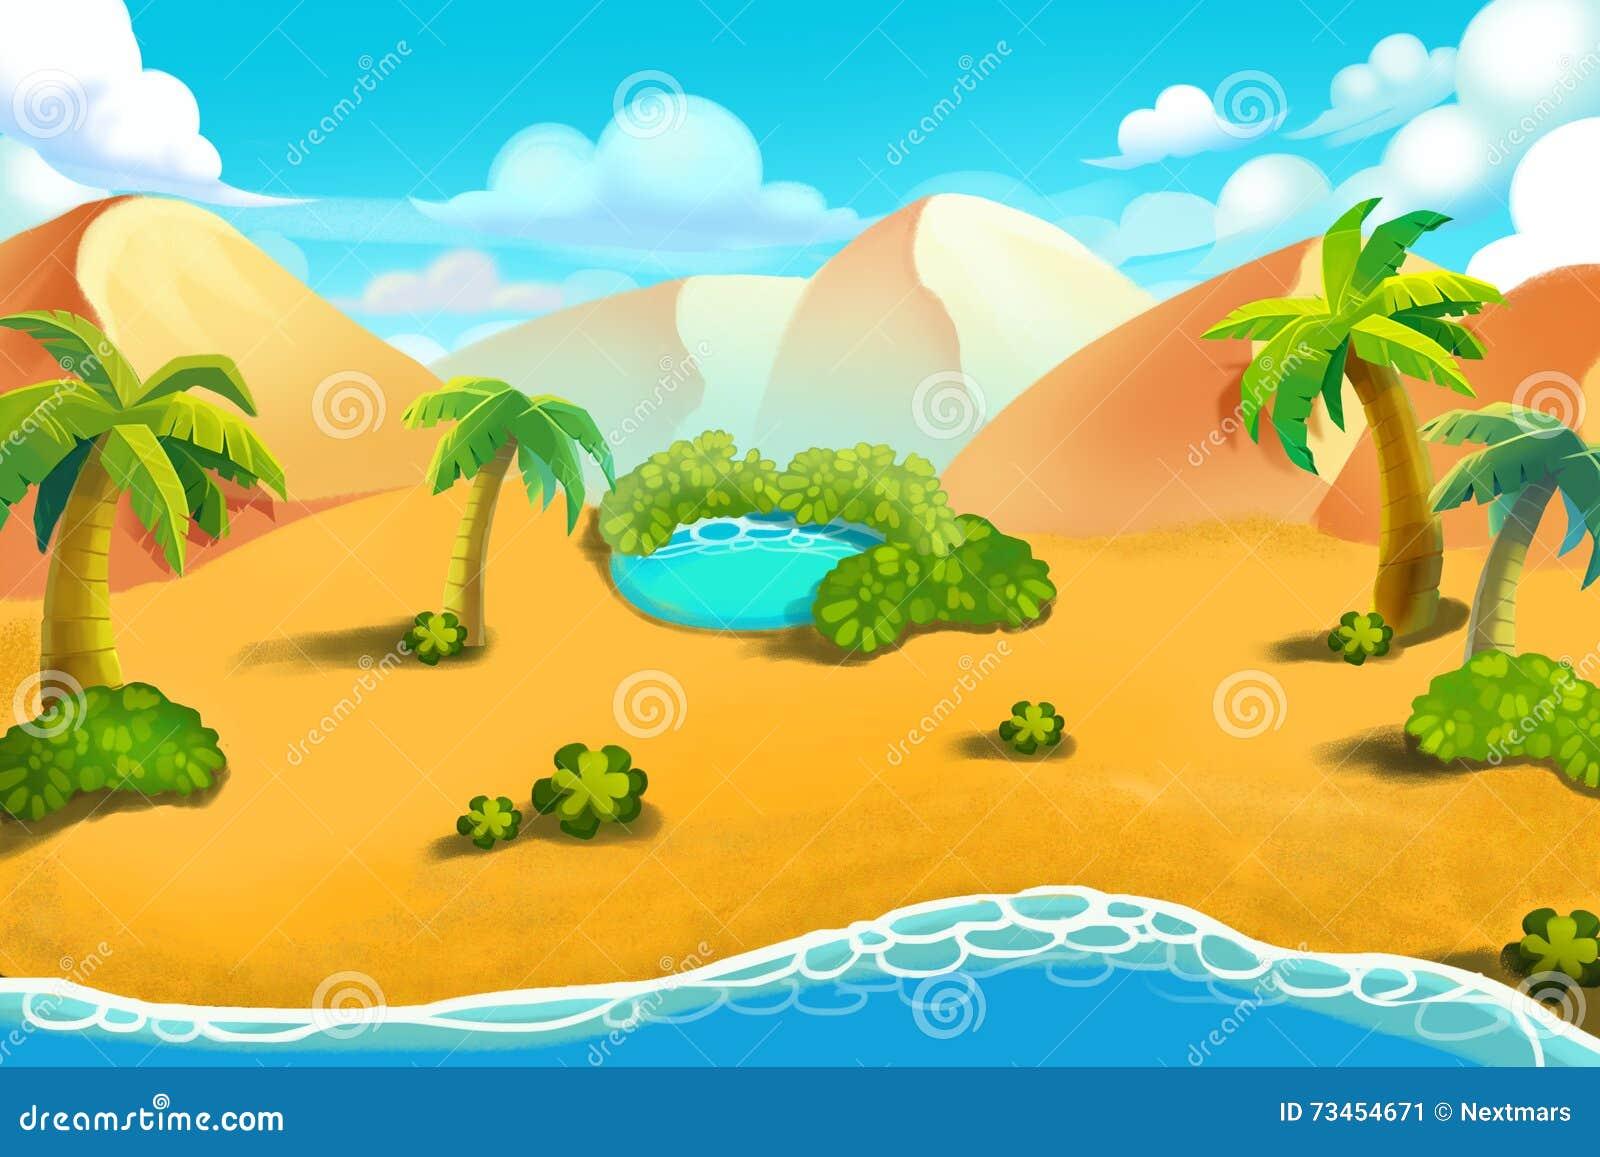 Illustration créative et art innovateur : Colline de désert, oasis de désert